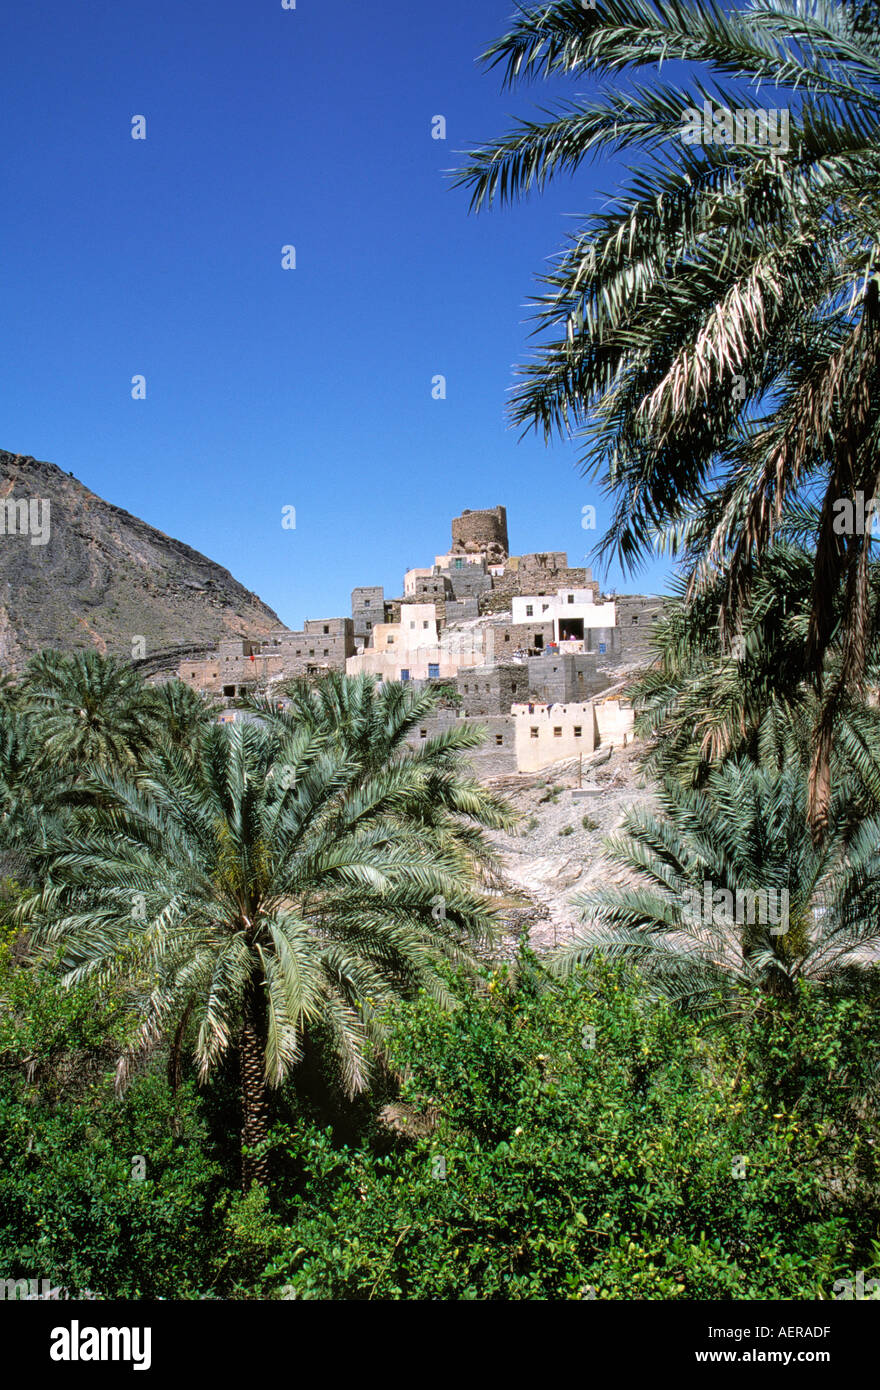 Oasi e il villaggio di Wadi Bani khalid Oman Immagini Stock